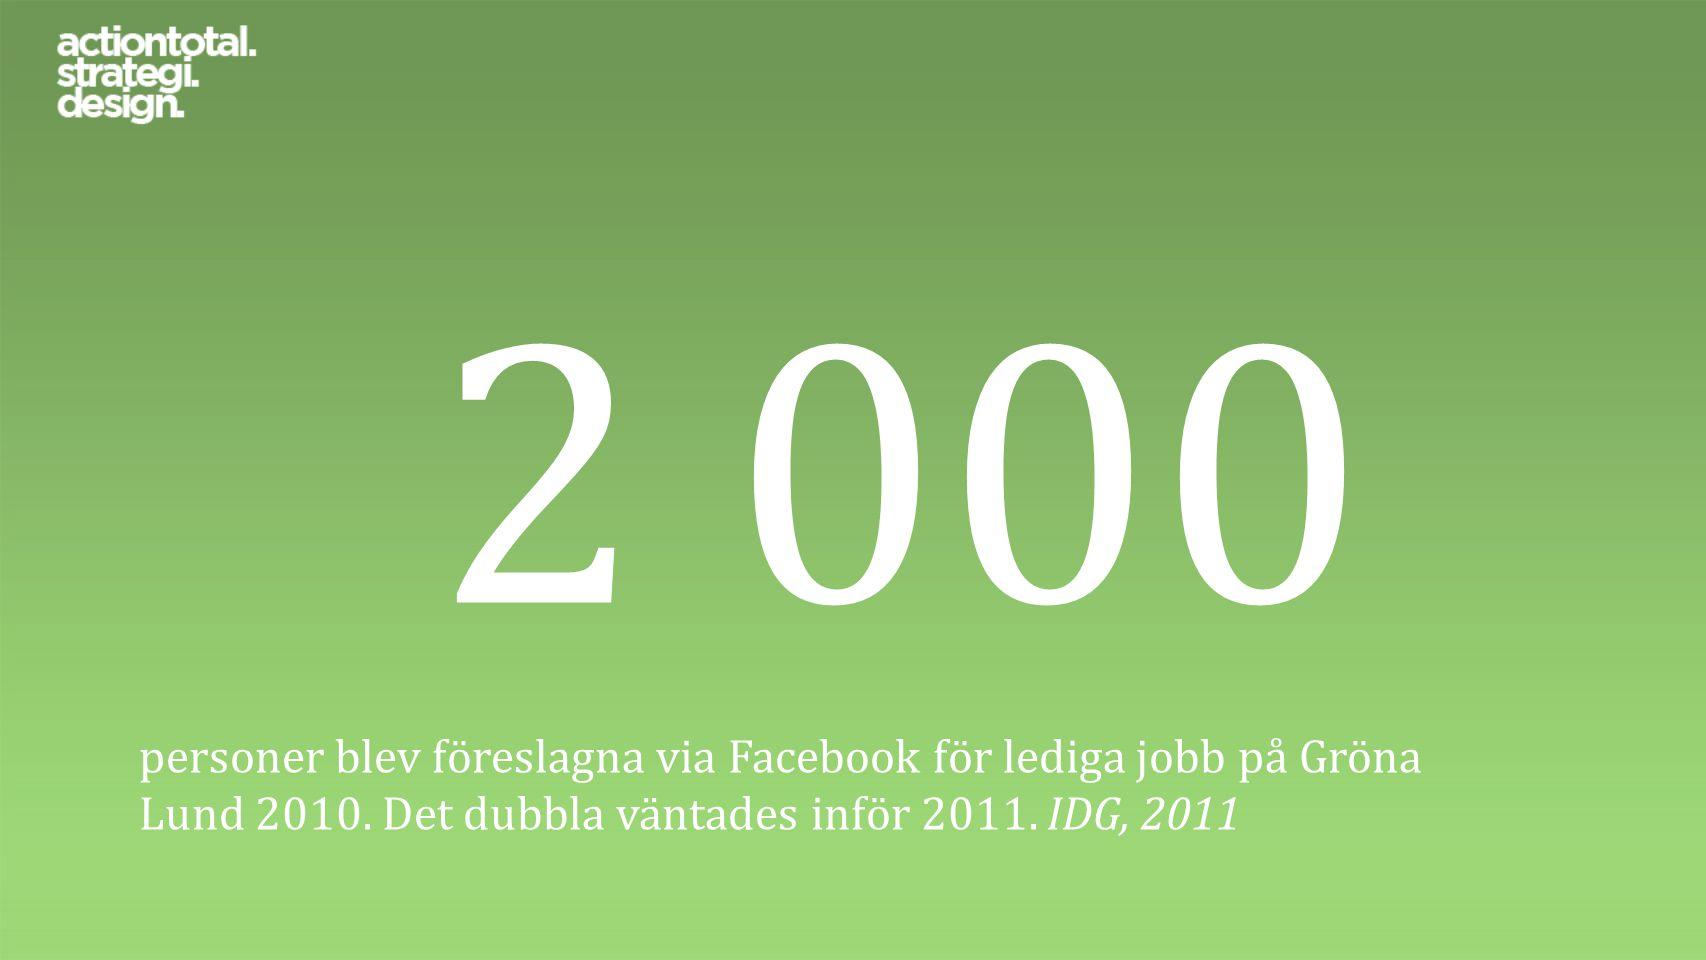 2 000 personer blev föreslagna via Facebook för lediga jobb på Gröna Lund 2010. Det dubbla väntades inför 2011. IDG, 2011